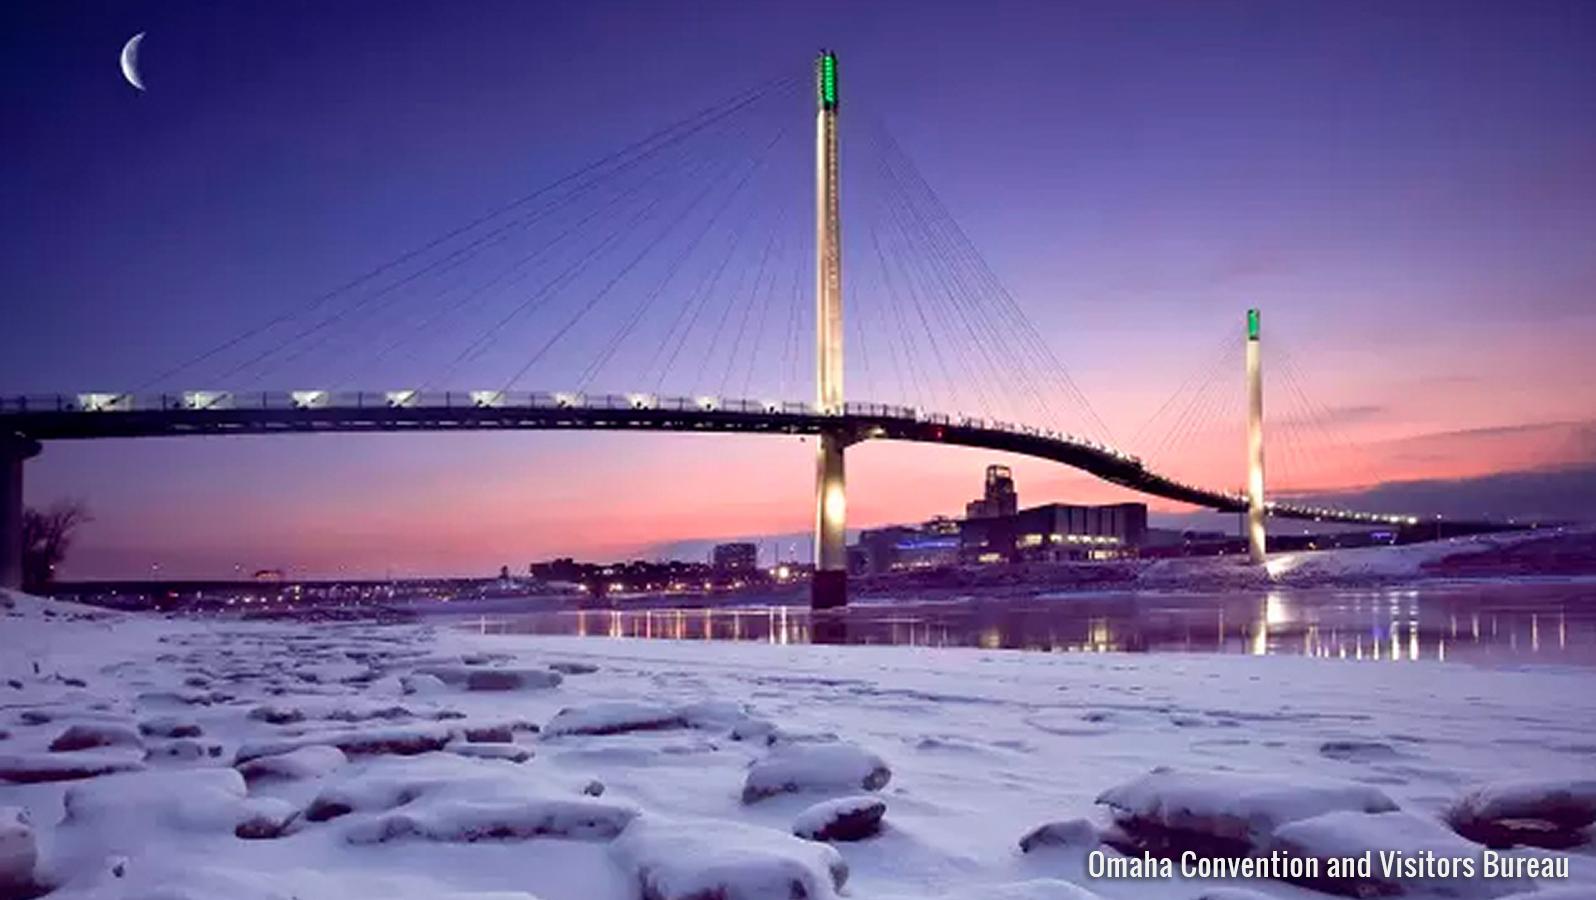 Omaha bridge in winter